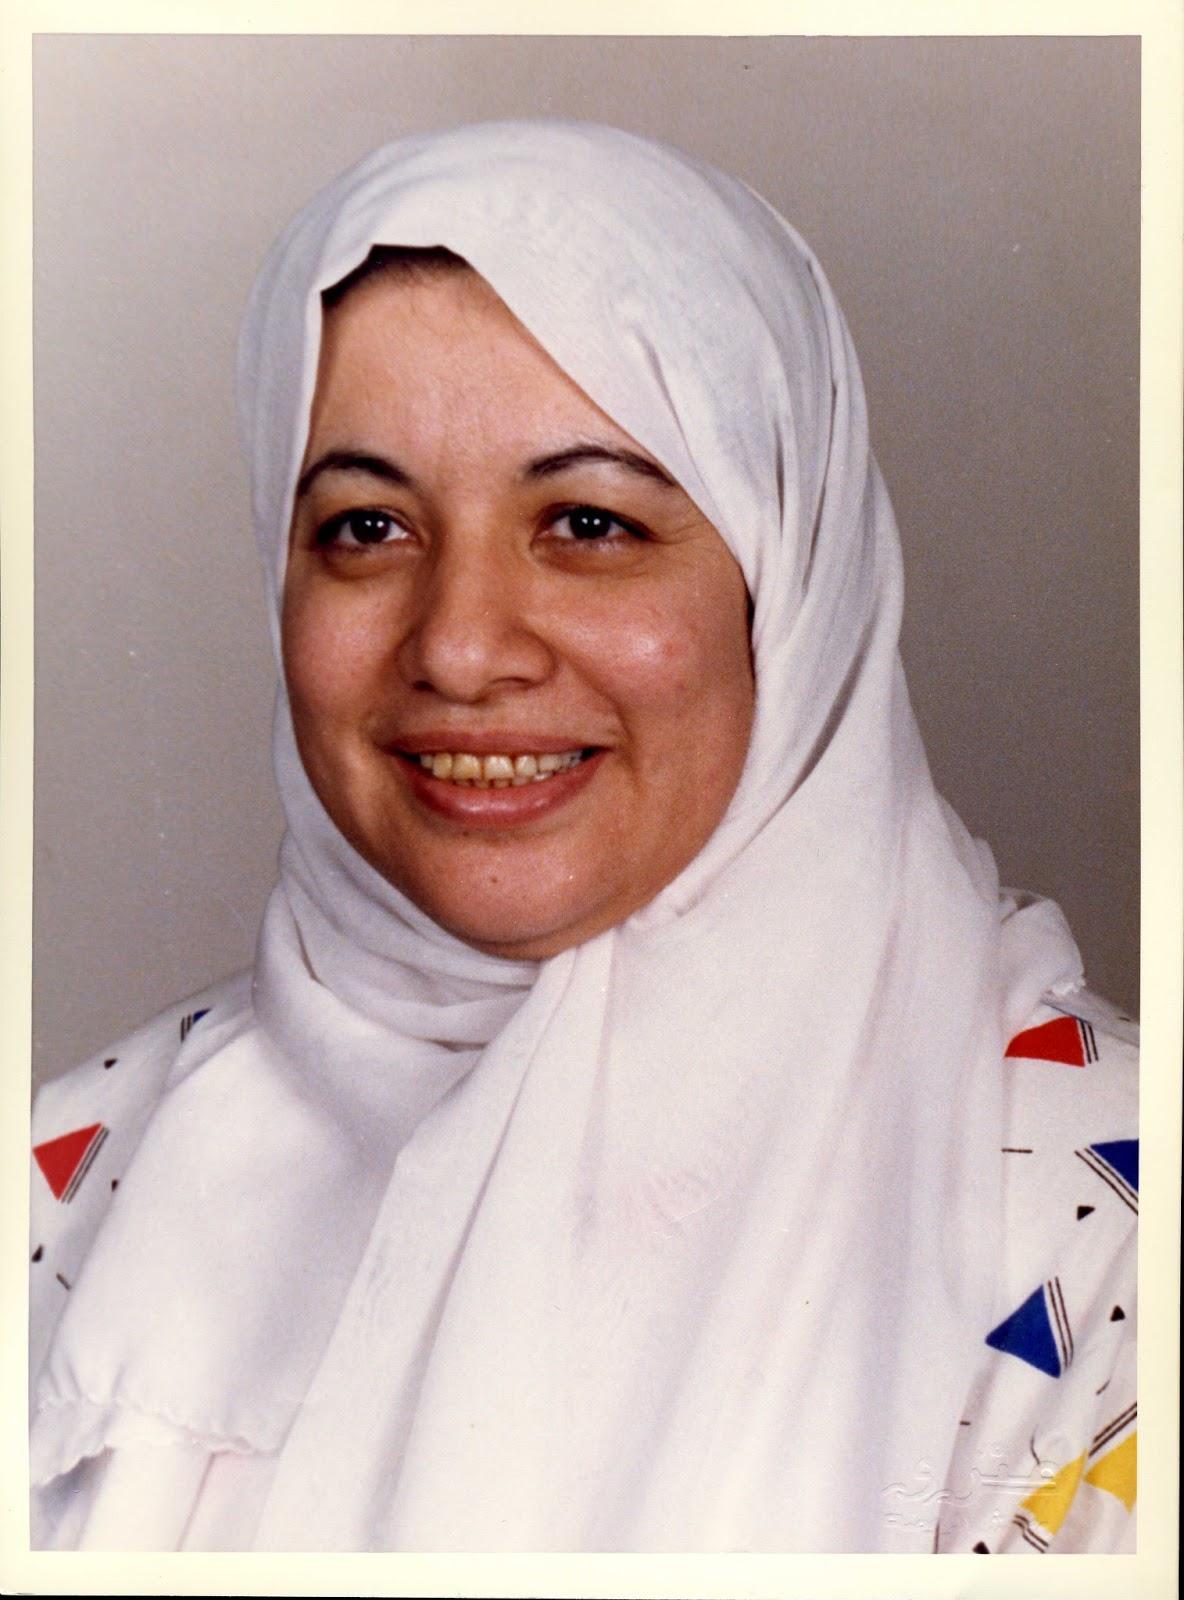 """مراجعات على برنامج صحوة حلقة 22 """" توظيف الدين لخدمة السياسة (17) الرمزية والتصوف وأثرهما على الأدب العربي"""